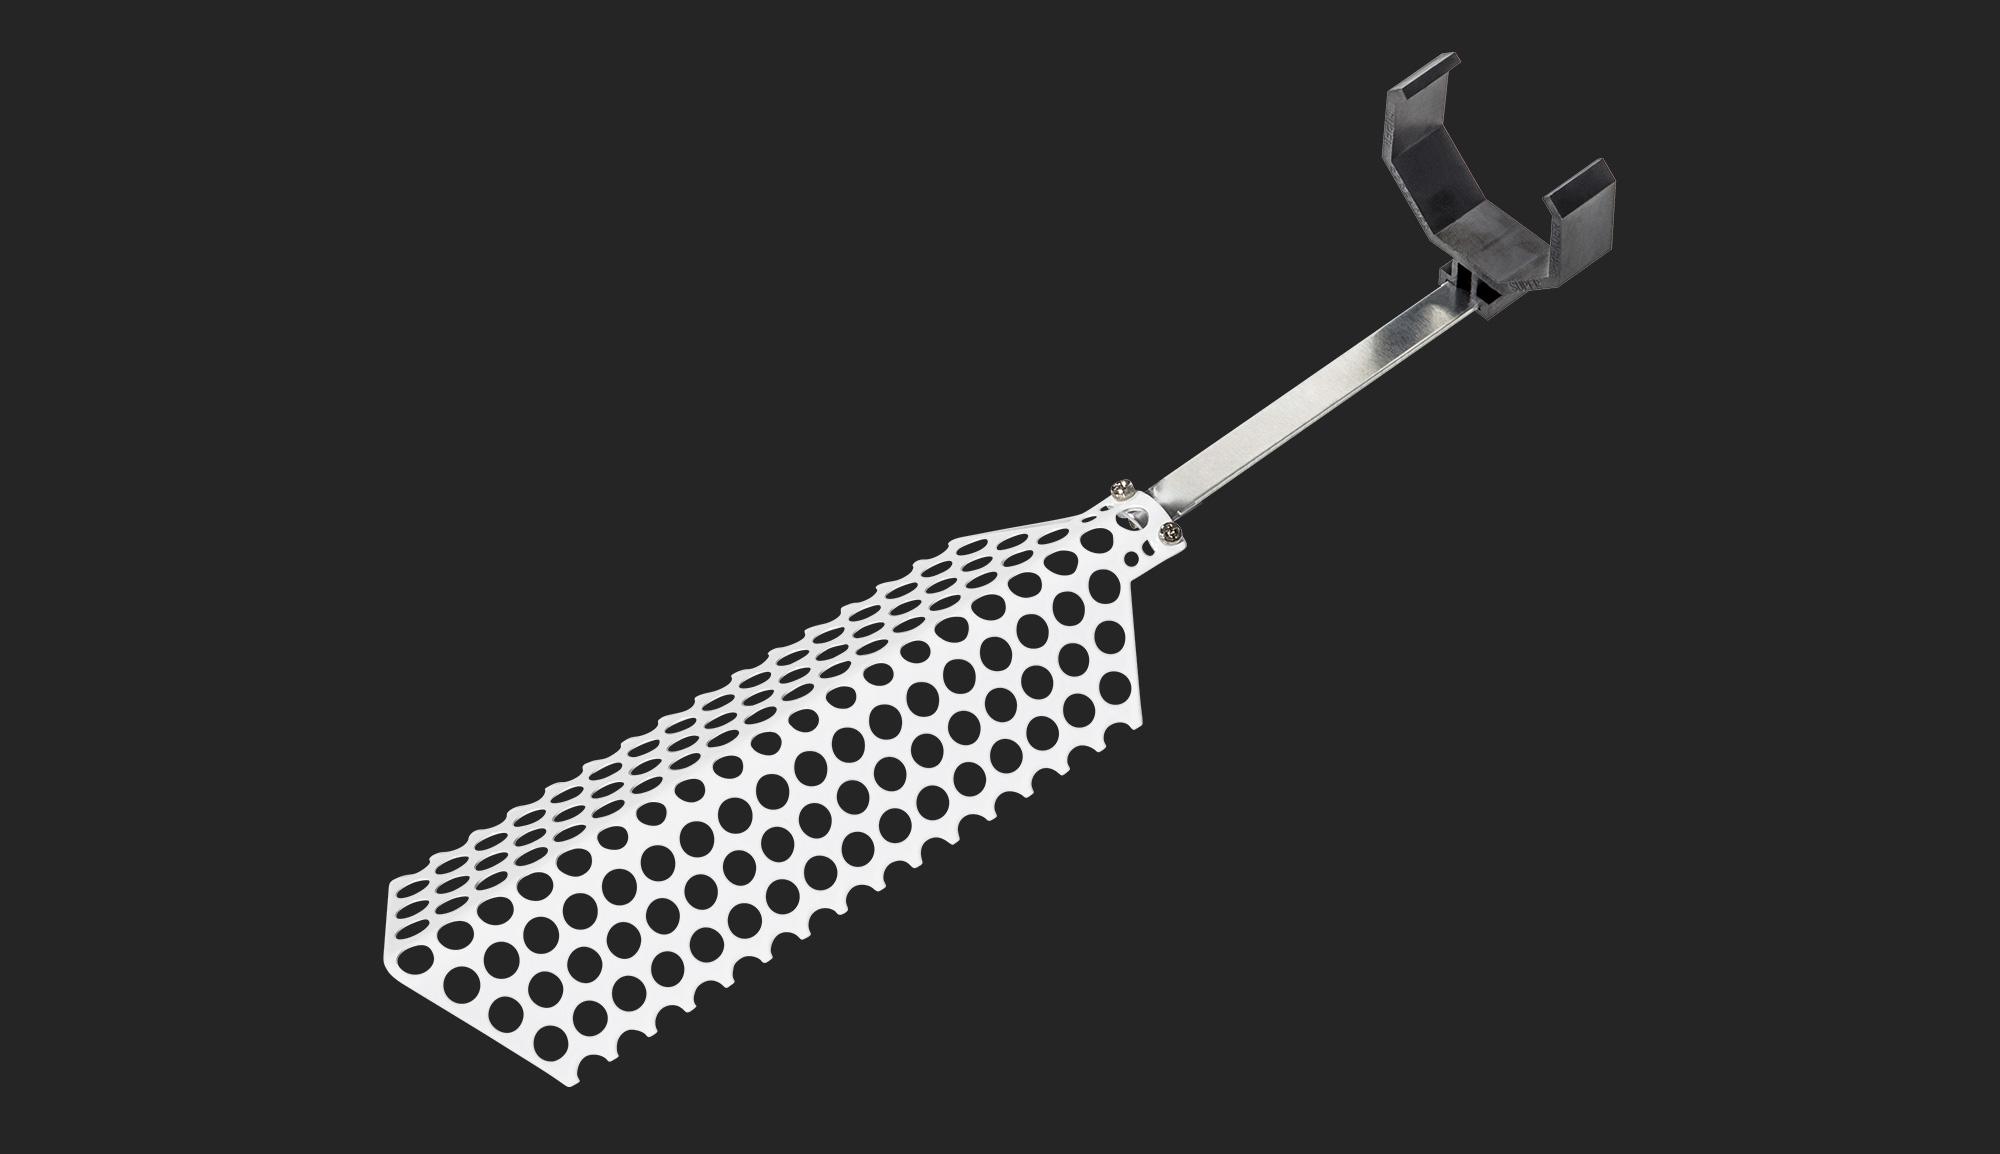 Defender Large Super Spreader With Socket Mount - Adjust-A-Wings